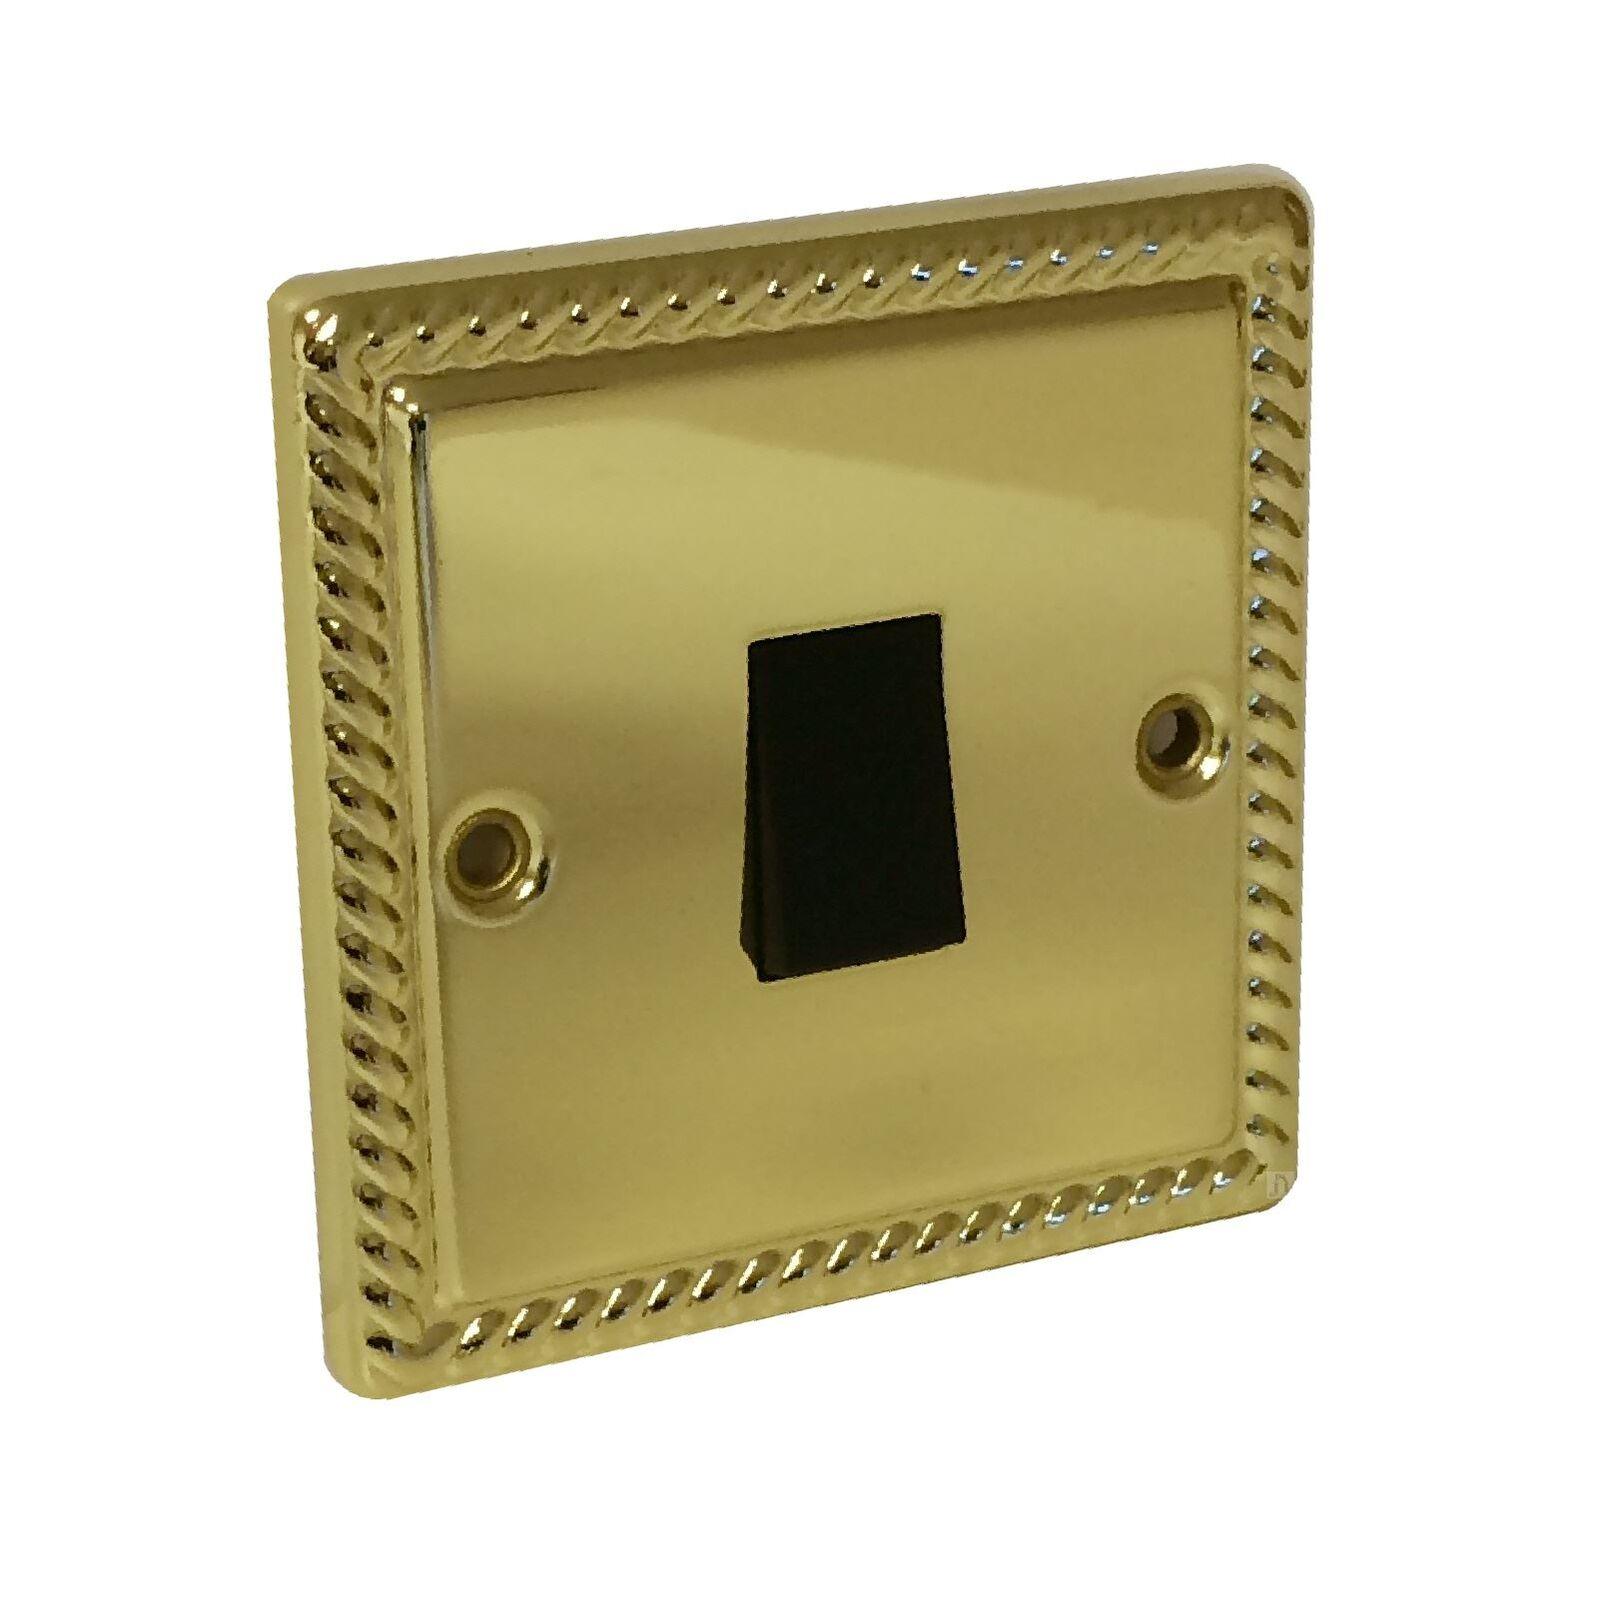 6A 1Gang 2W Switch Georgian Brass REDGREY